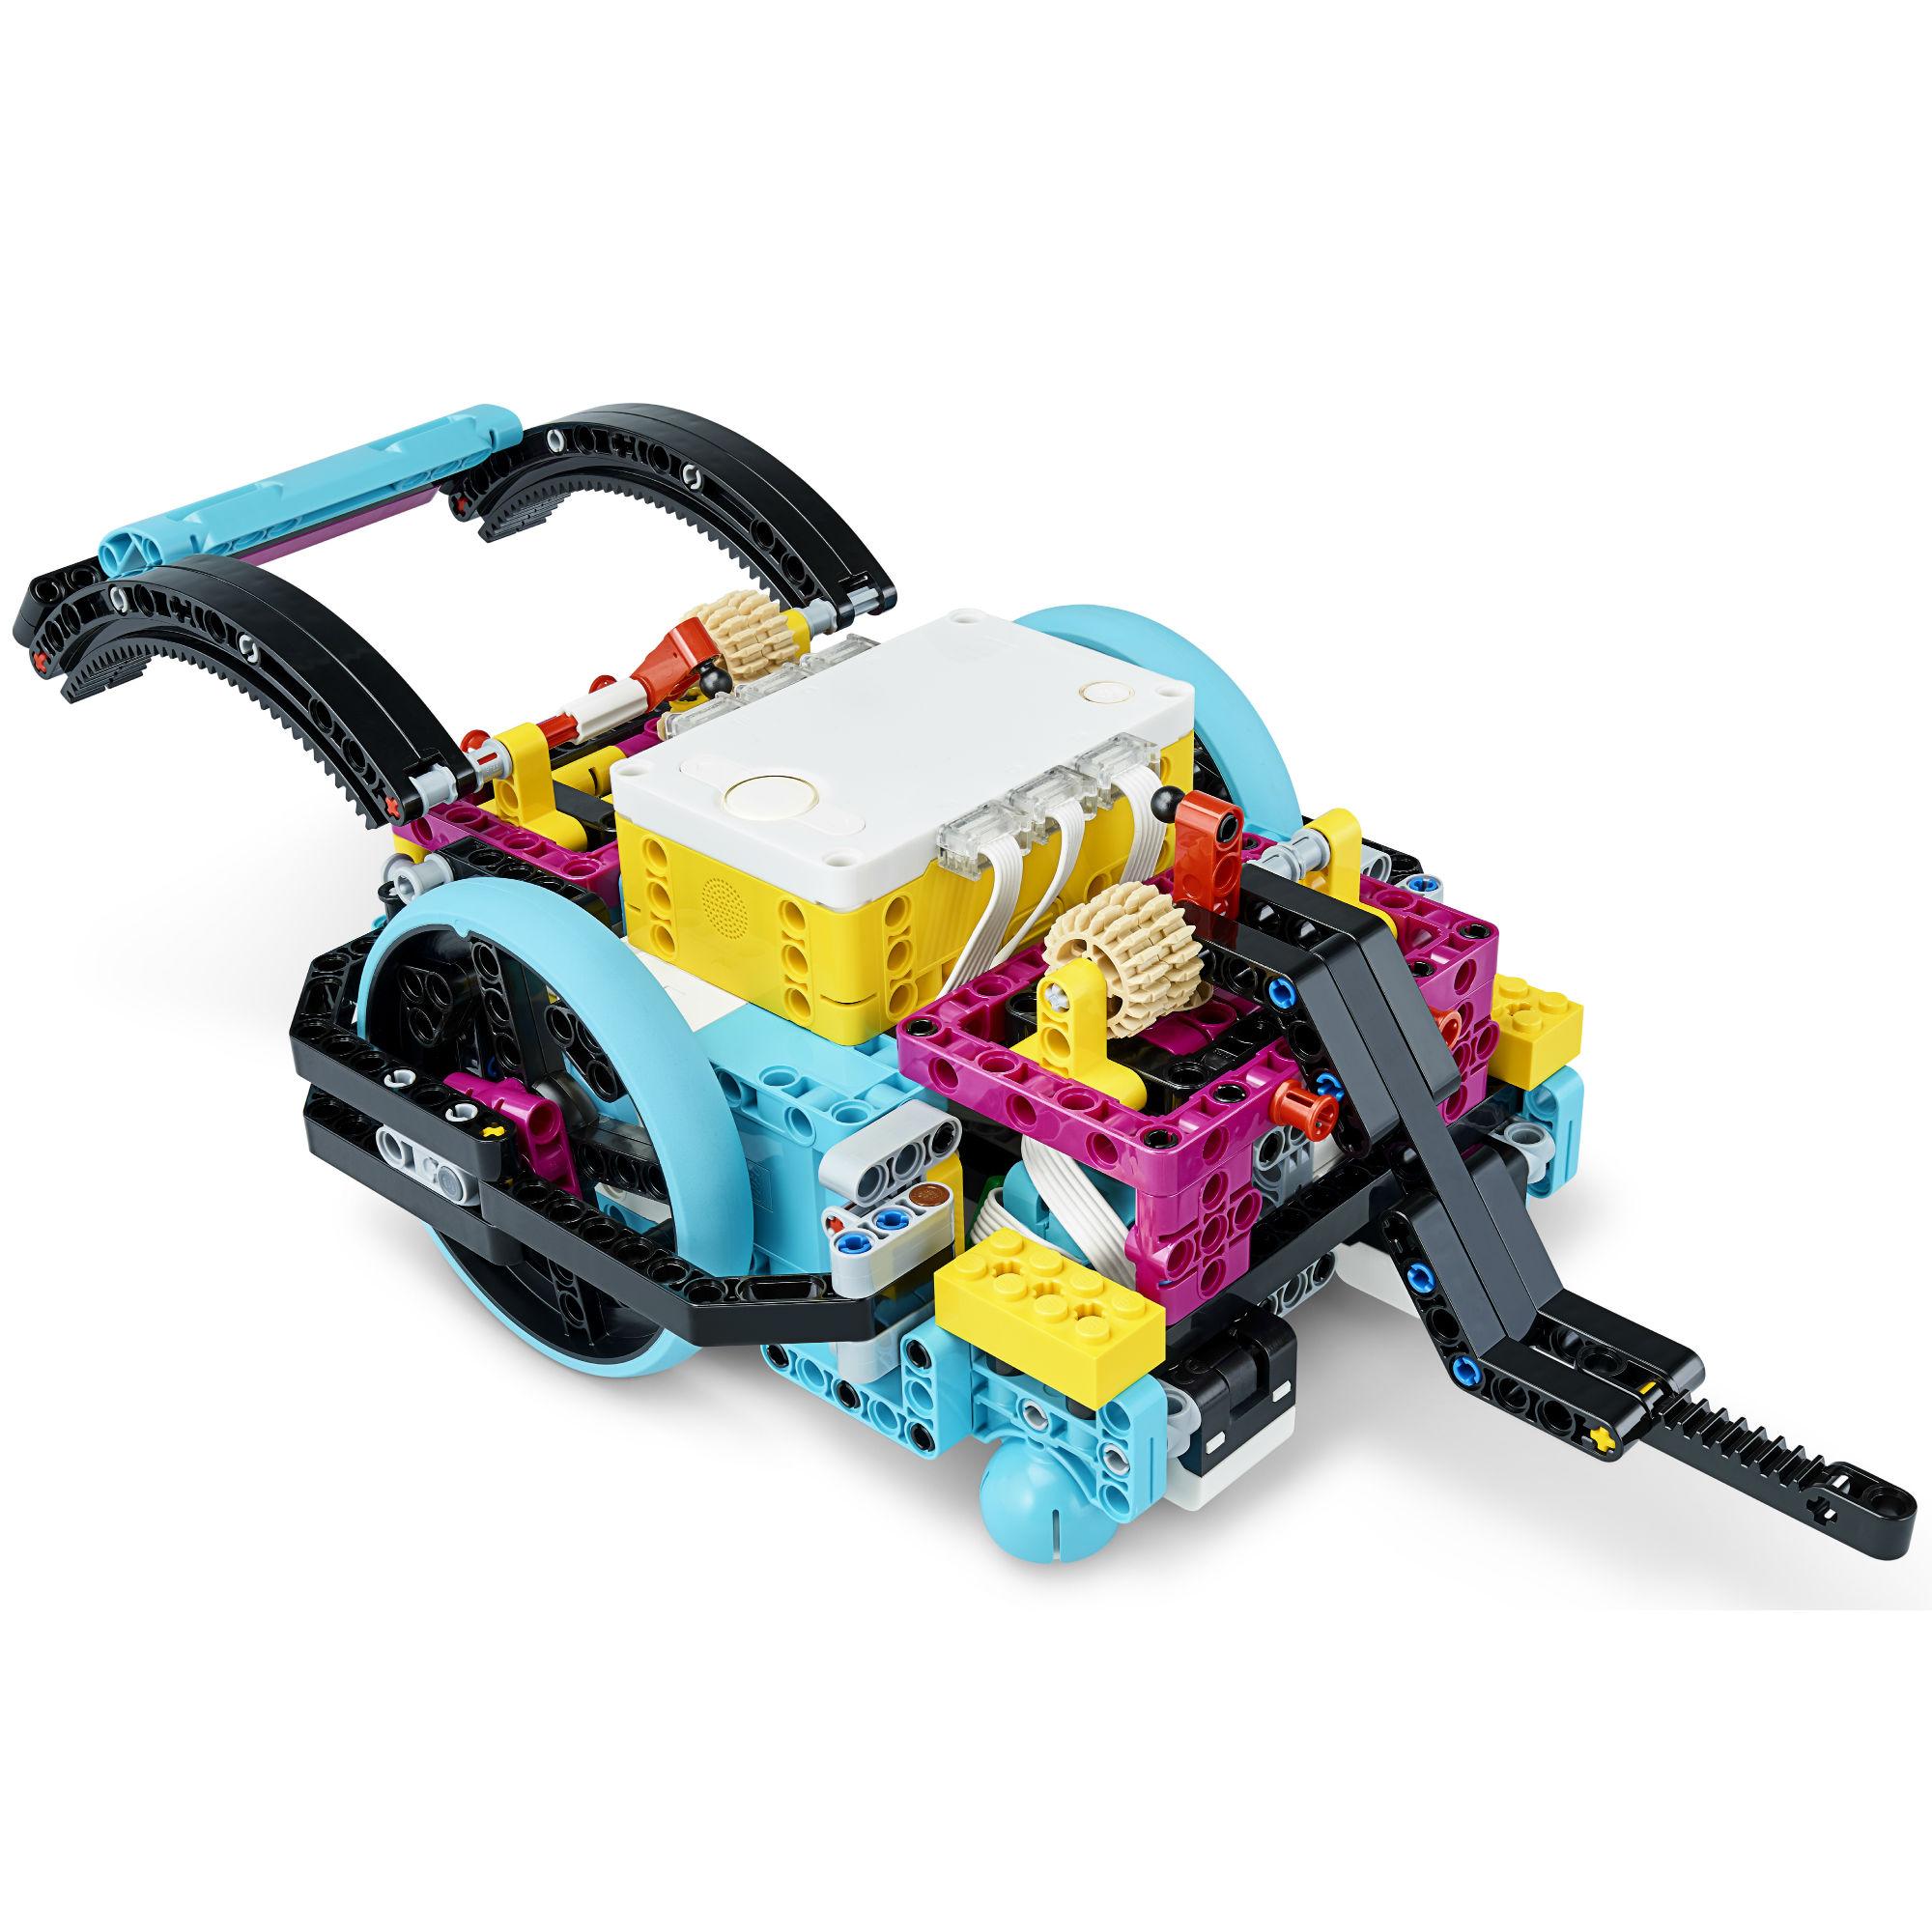 LEGO® Education Set Expansión SPIKE™ Prime